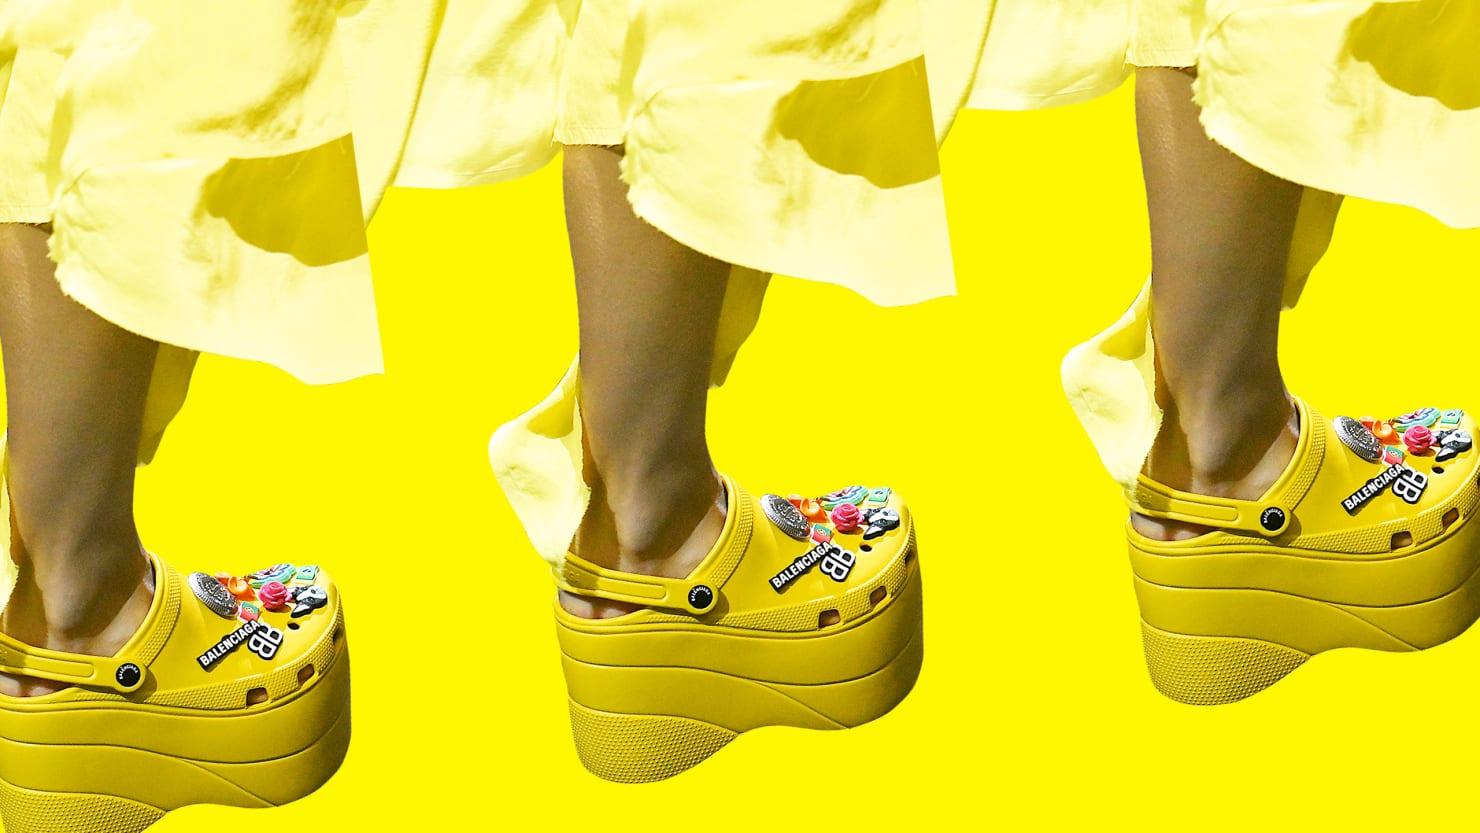 Platform Crocs at Paris Fashion Week